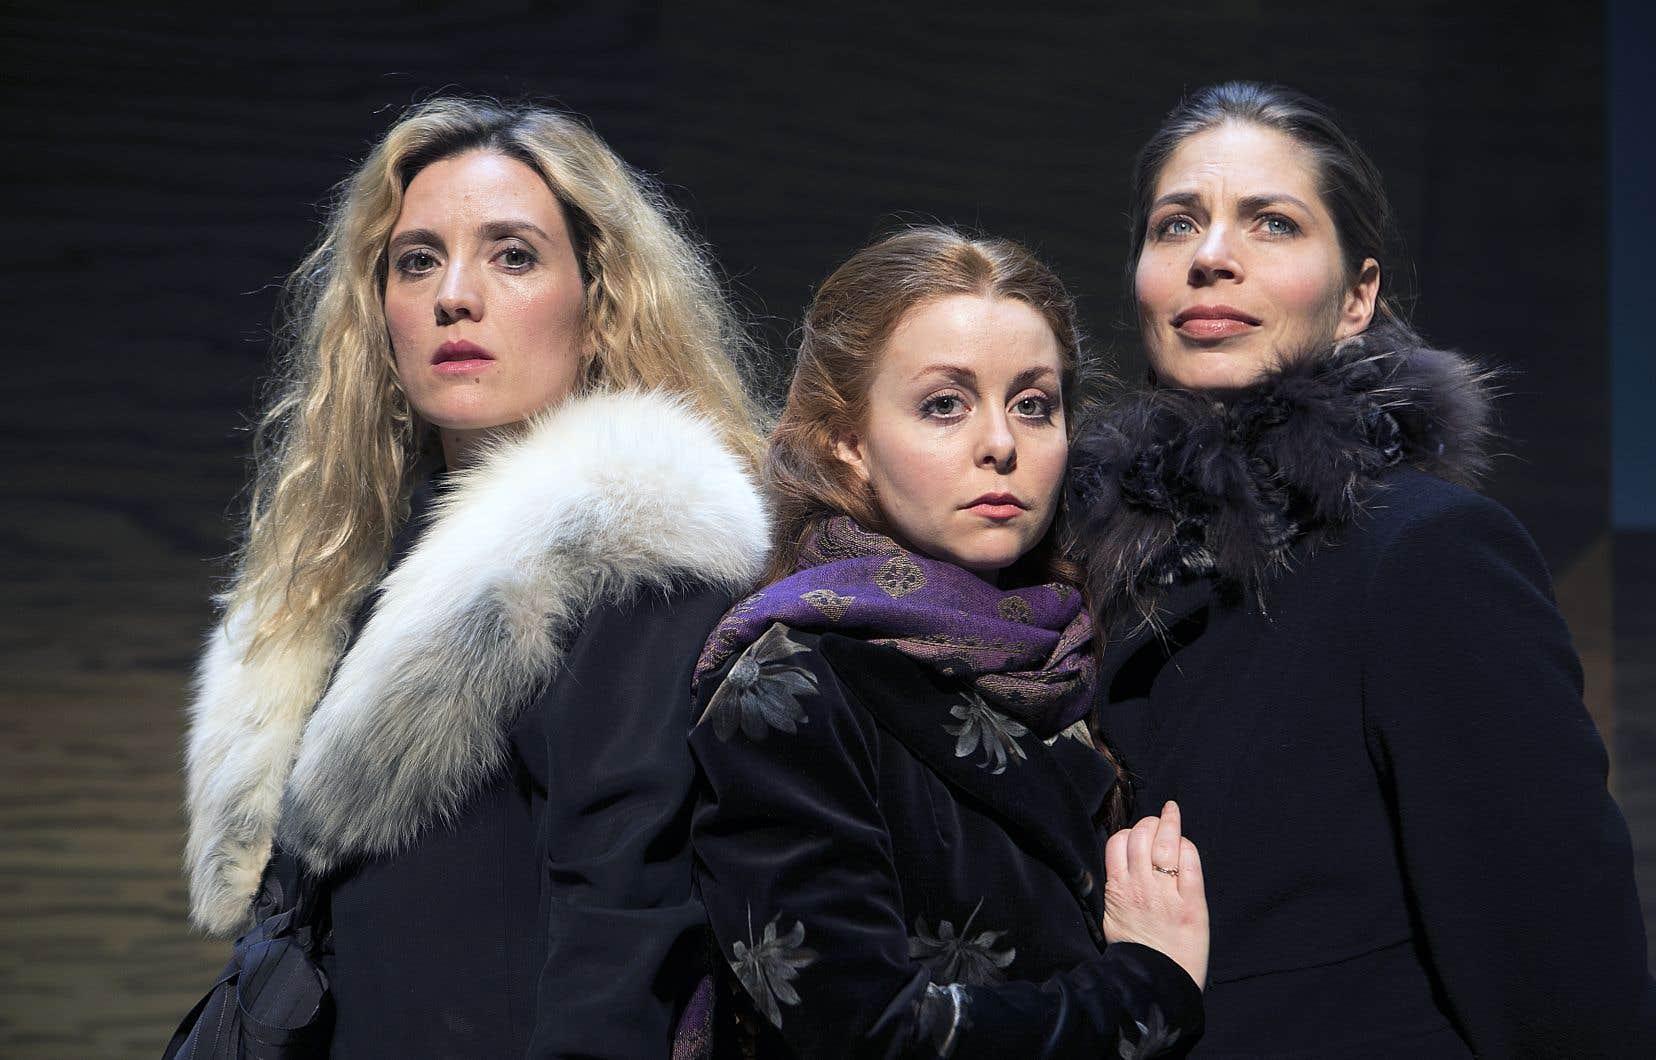 <p>Évelyne Brochu, Rebecca Vachon et Noémie Godin-Vigneau incarnent trois soeurs aspirant à une vie meilleure dans la pièce «Les trois soeurs».</p>